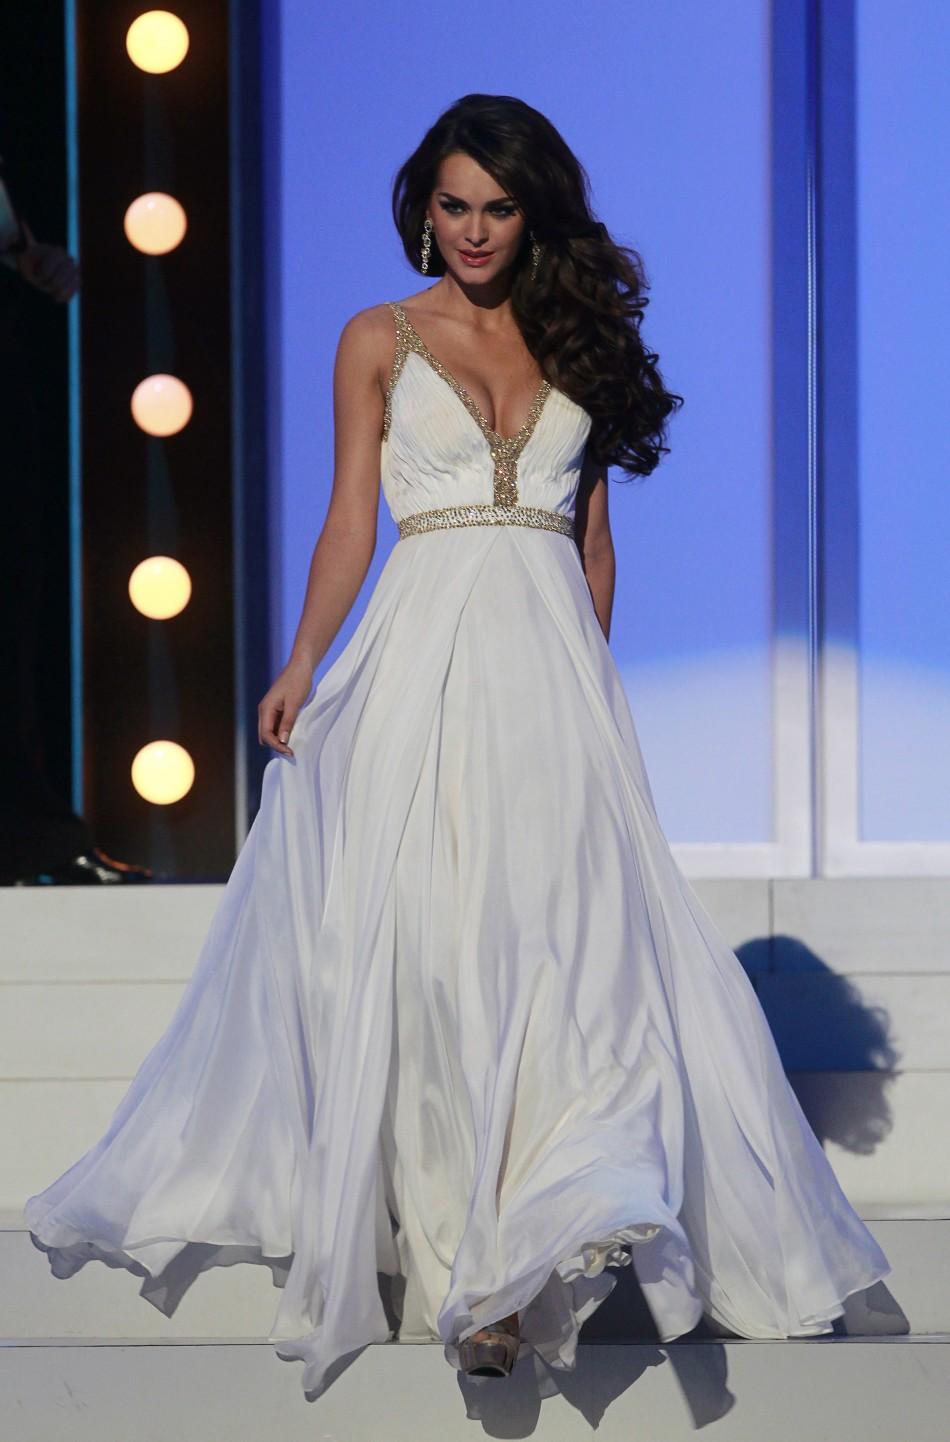 Miss Ukraine Olesia Stefanko